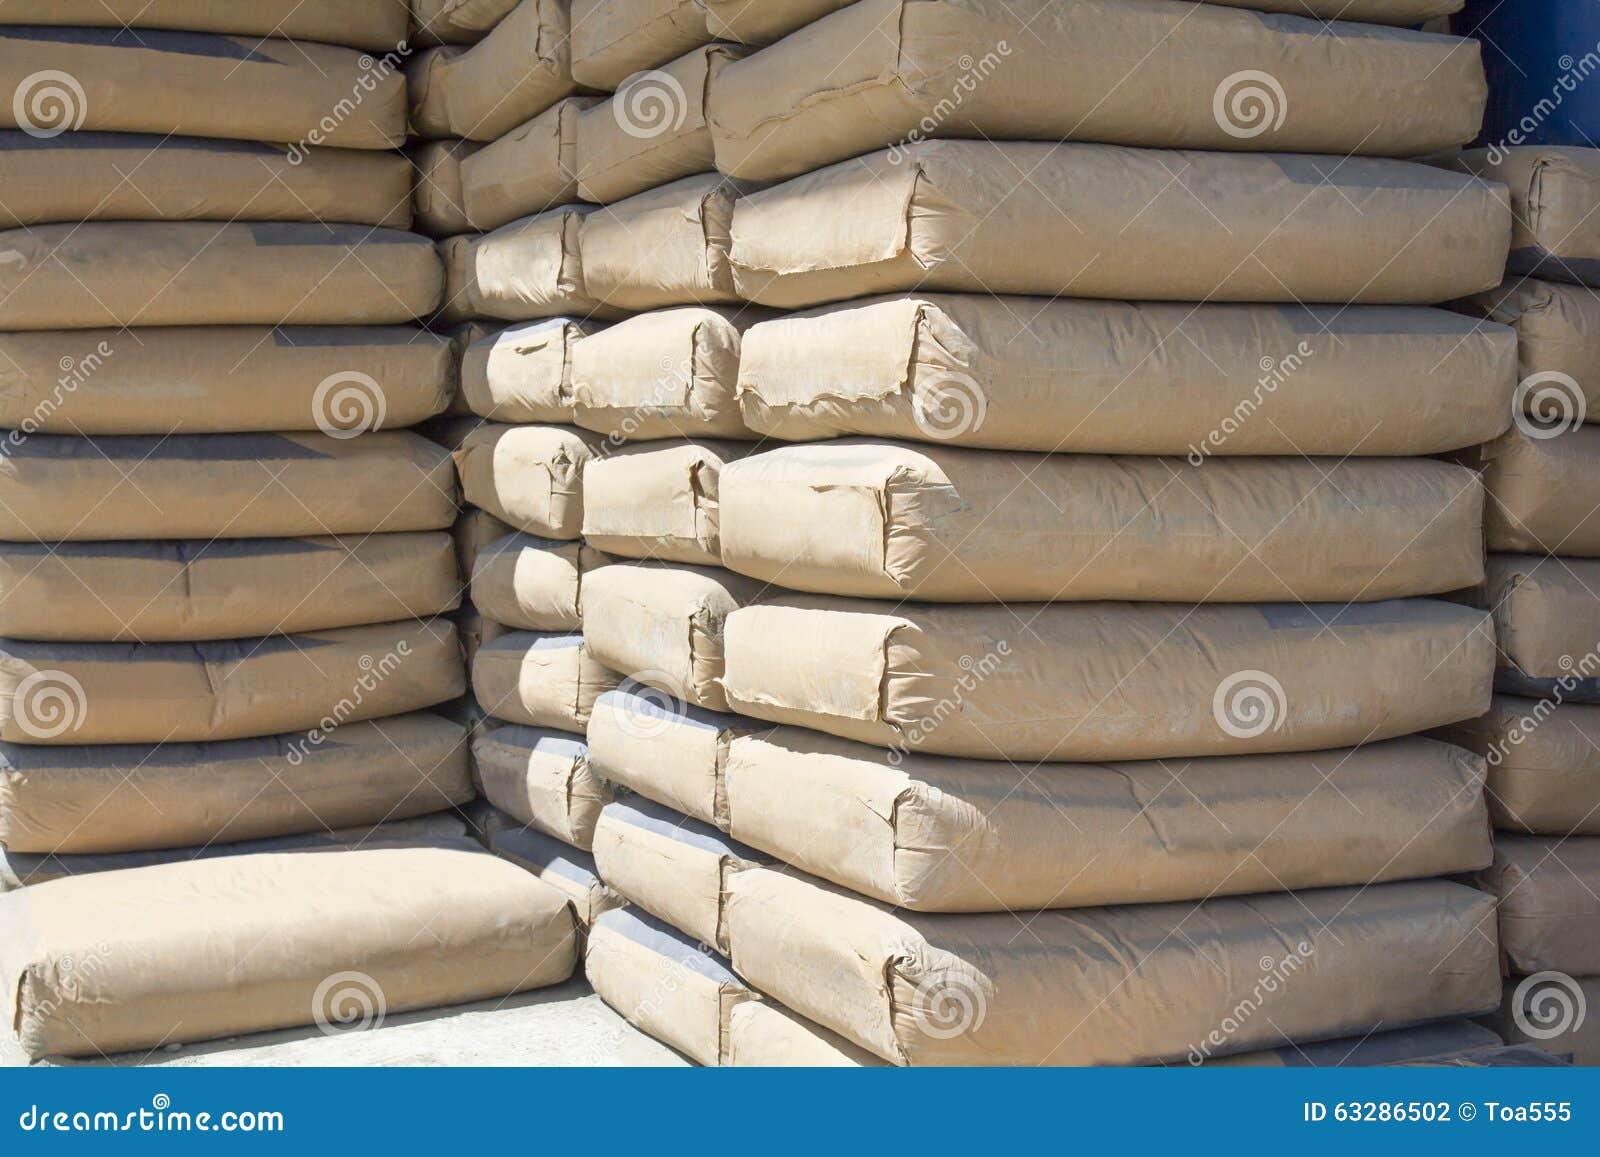 sacs de ciment photo stock image du lignes site poudre 63286502. Black Bedroom Furniture Sets. Home Design Ideas